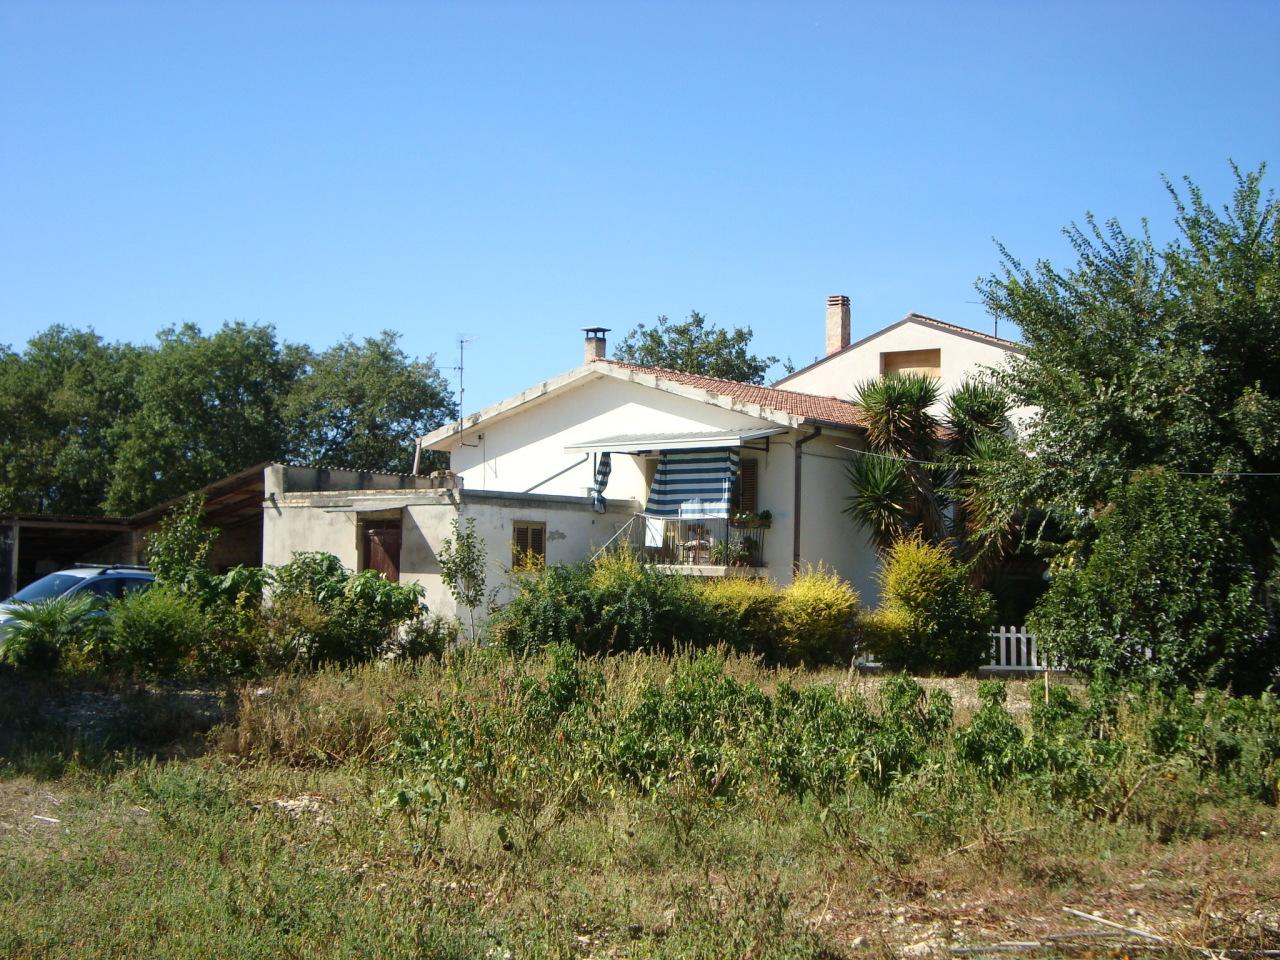 Rustico / Casale in vendita a Manoppello, 6 locali, prezzo € 100.000 | PortaleAgenzieImmobiliari.it